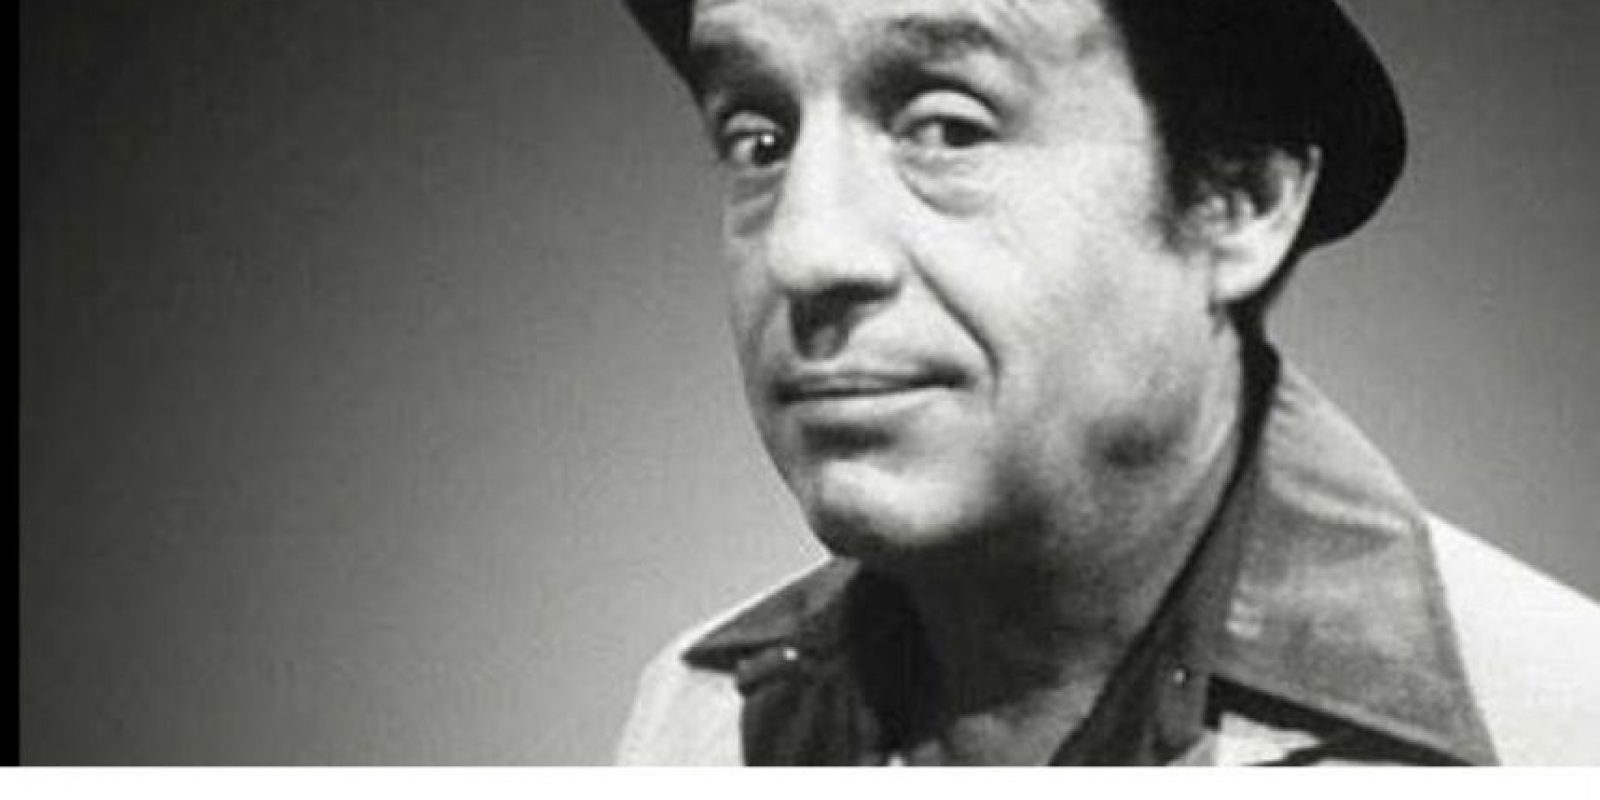 """Varios tuiteros se quejaron de la no inclusión de Chespirito en el homenaje """"In Memoriam"""" de los Oscar, ya que Gabriel García Márquez sí fue incluido. Foto:Twitter"""